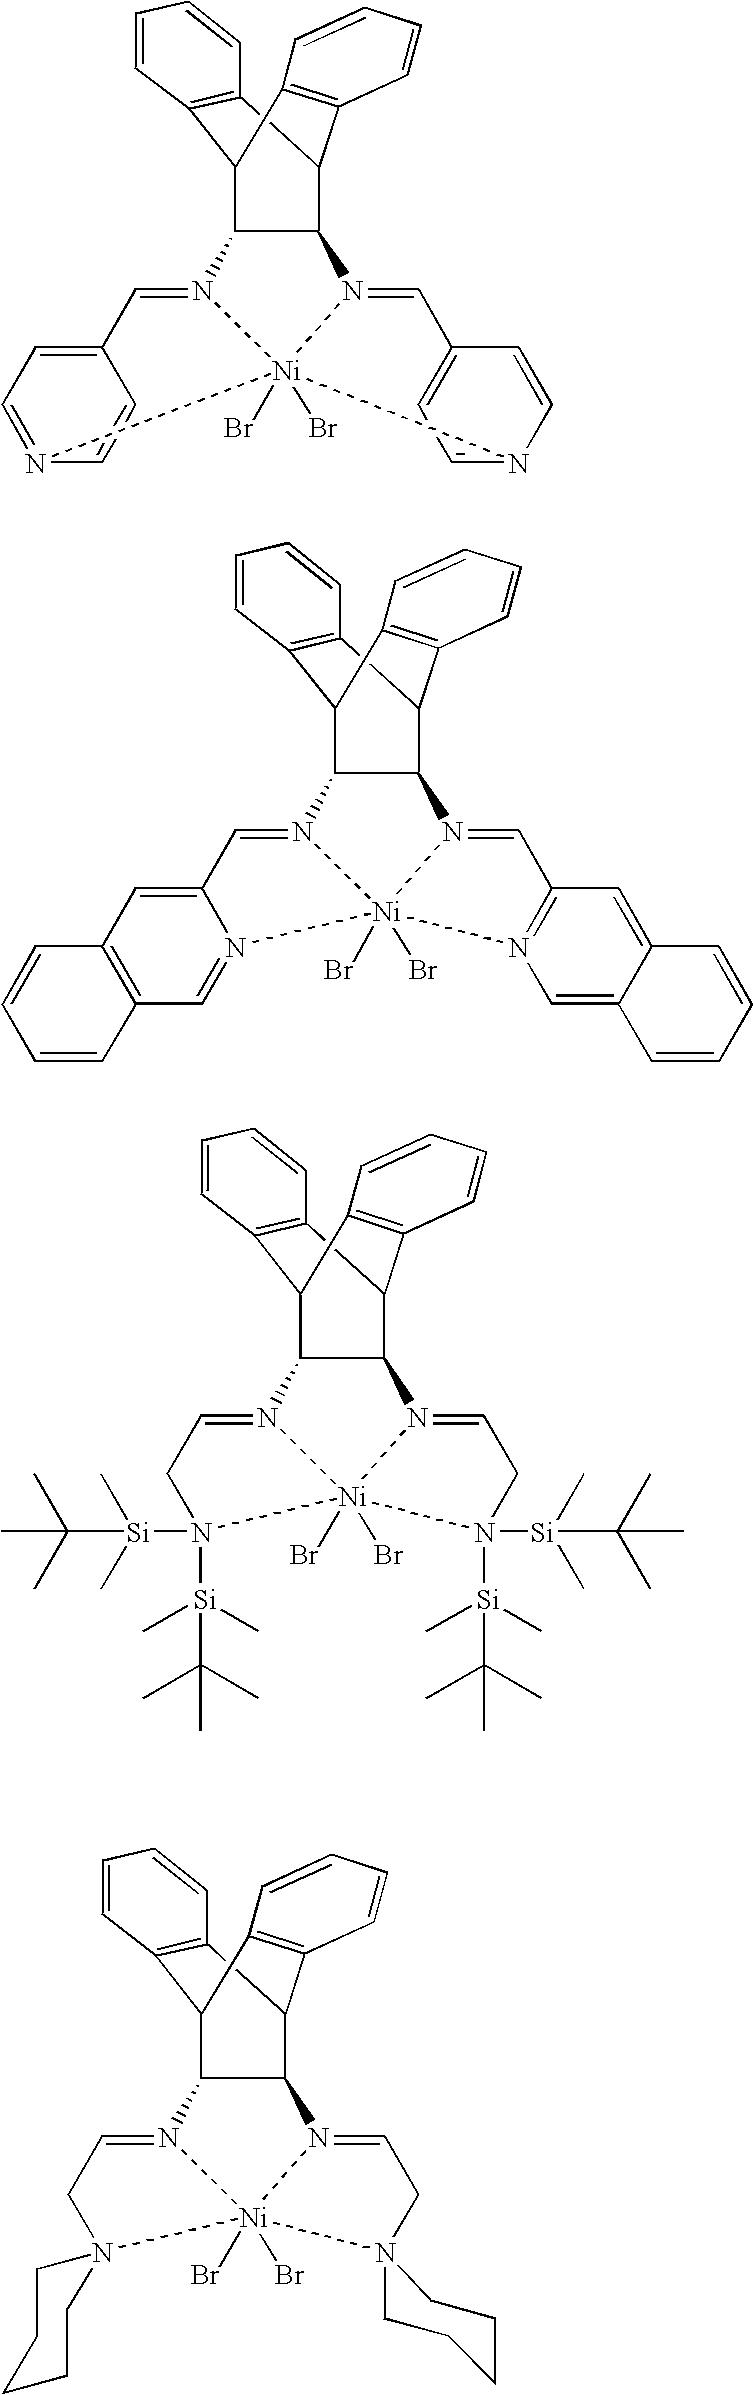 Figure US20060135352A1-20060622-C00009